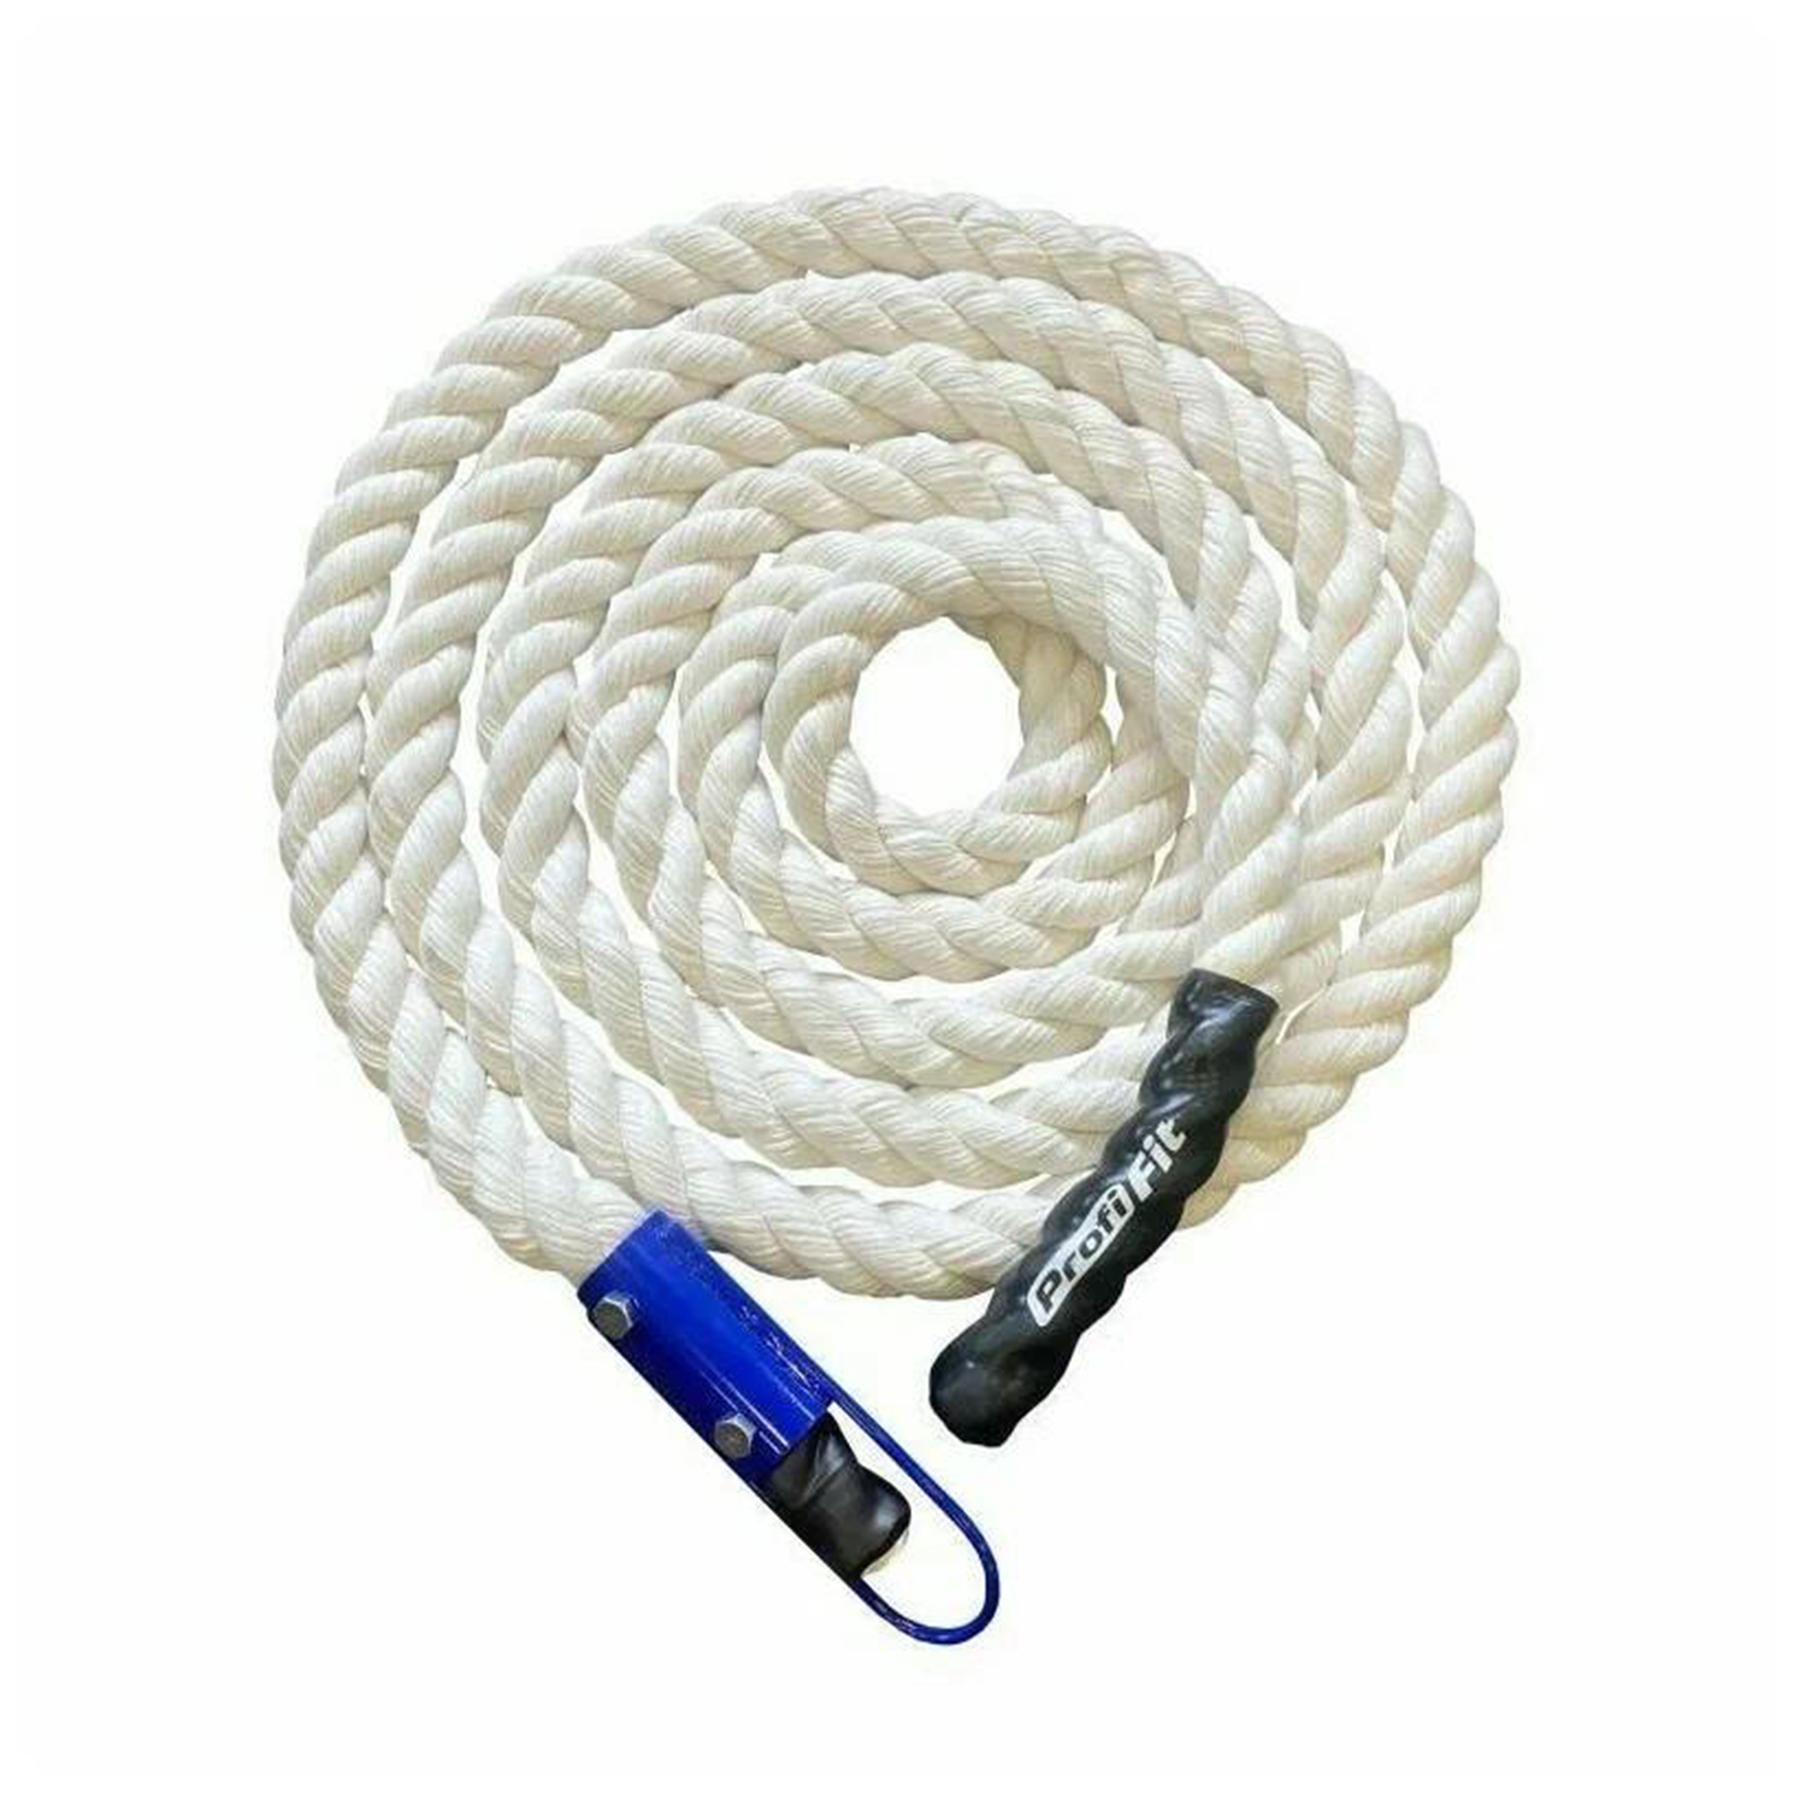 Канат х/б 5м d=40мм с крепежным стаканом и крюком